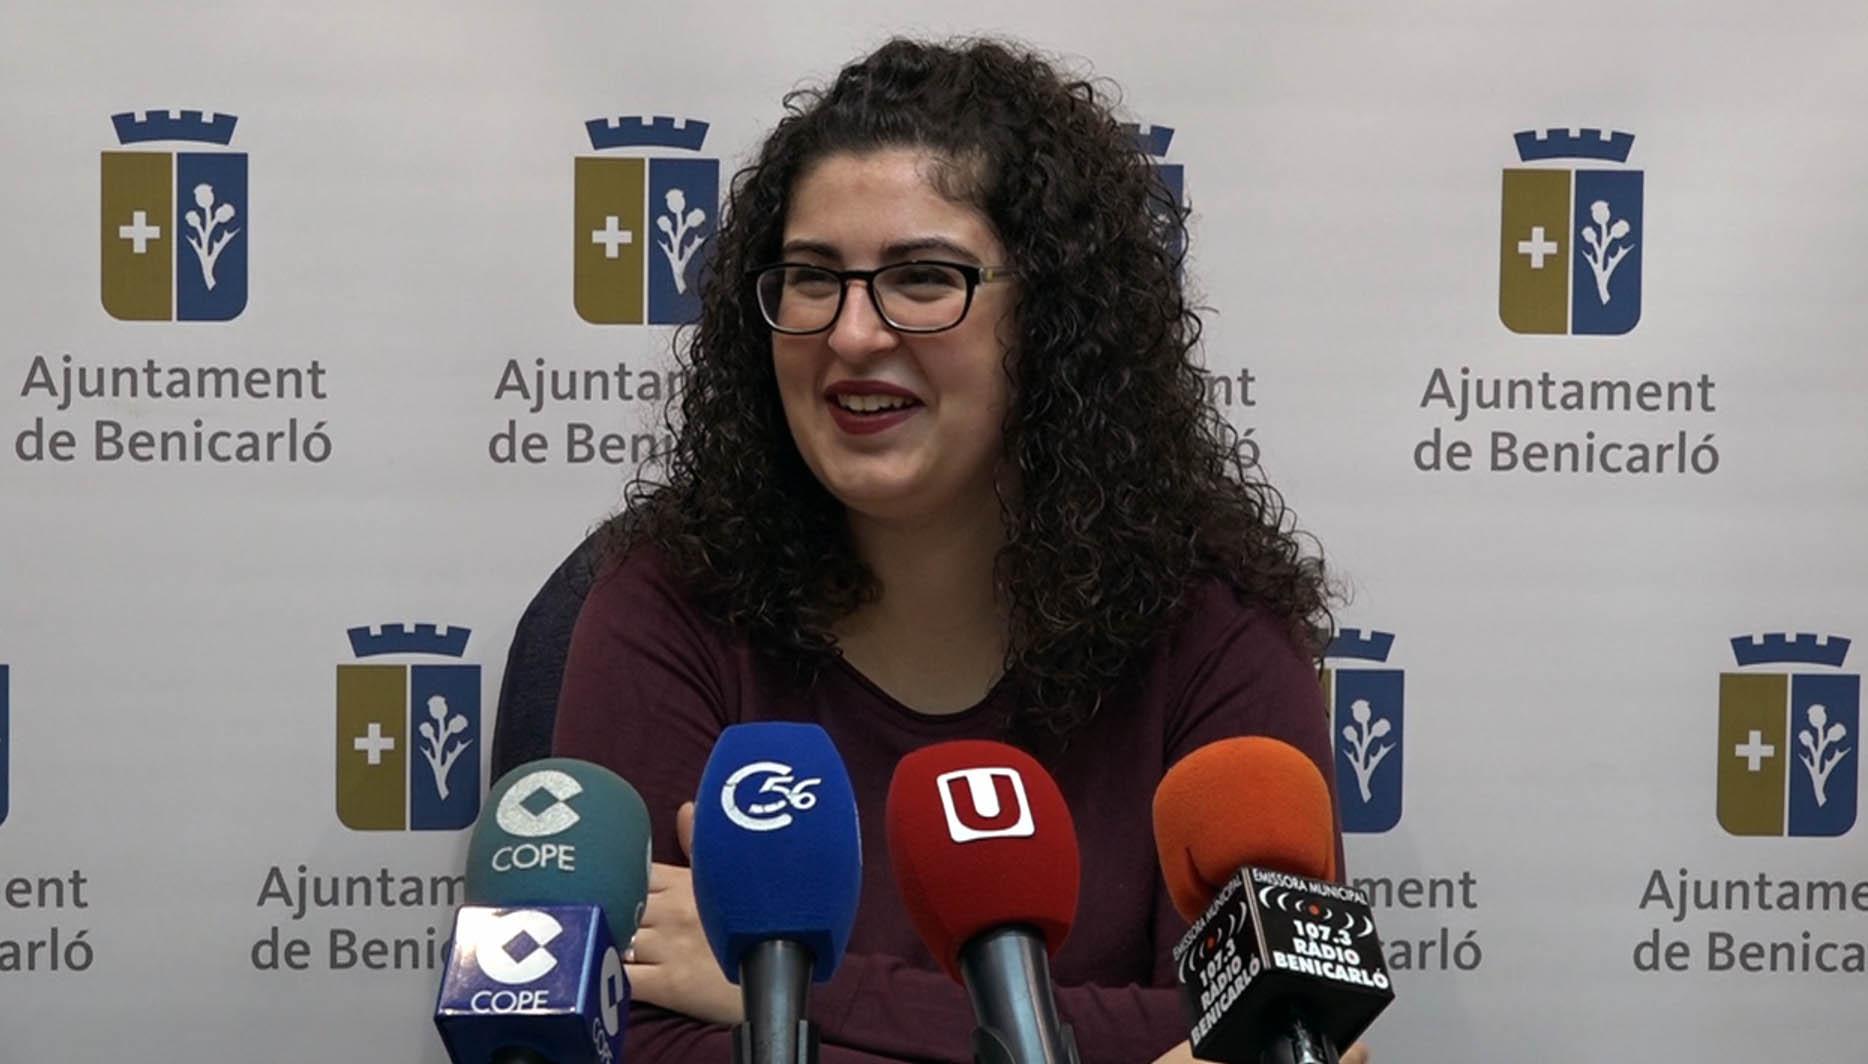 Benicarló oferirà durant els mesos de febrer i març cursos d'orientació laboral per als joves